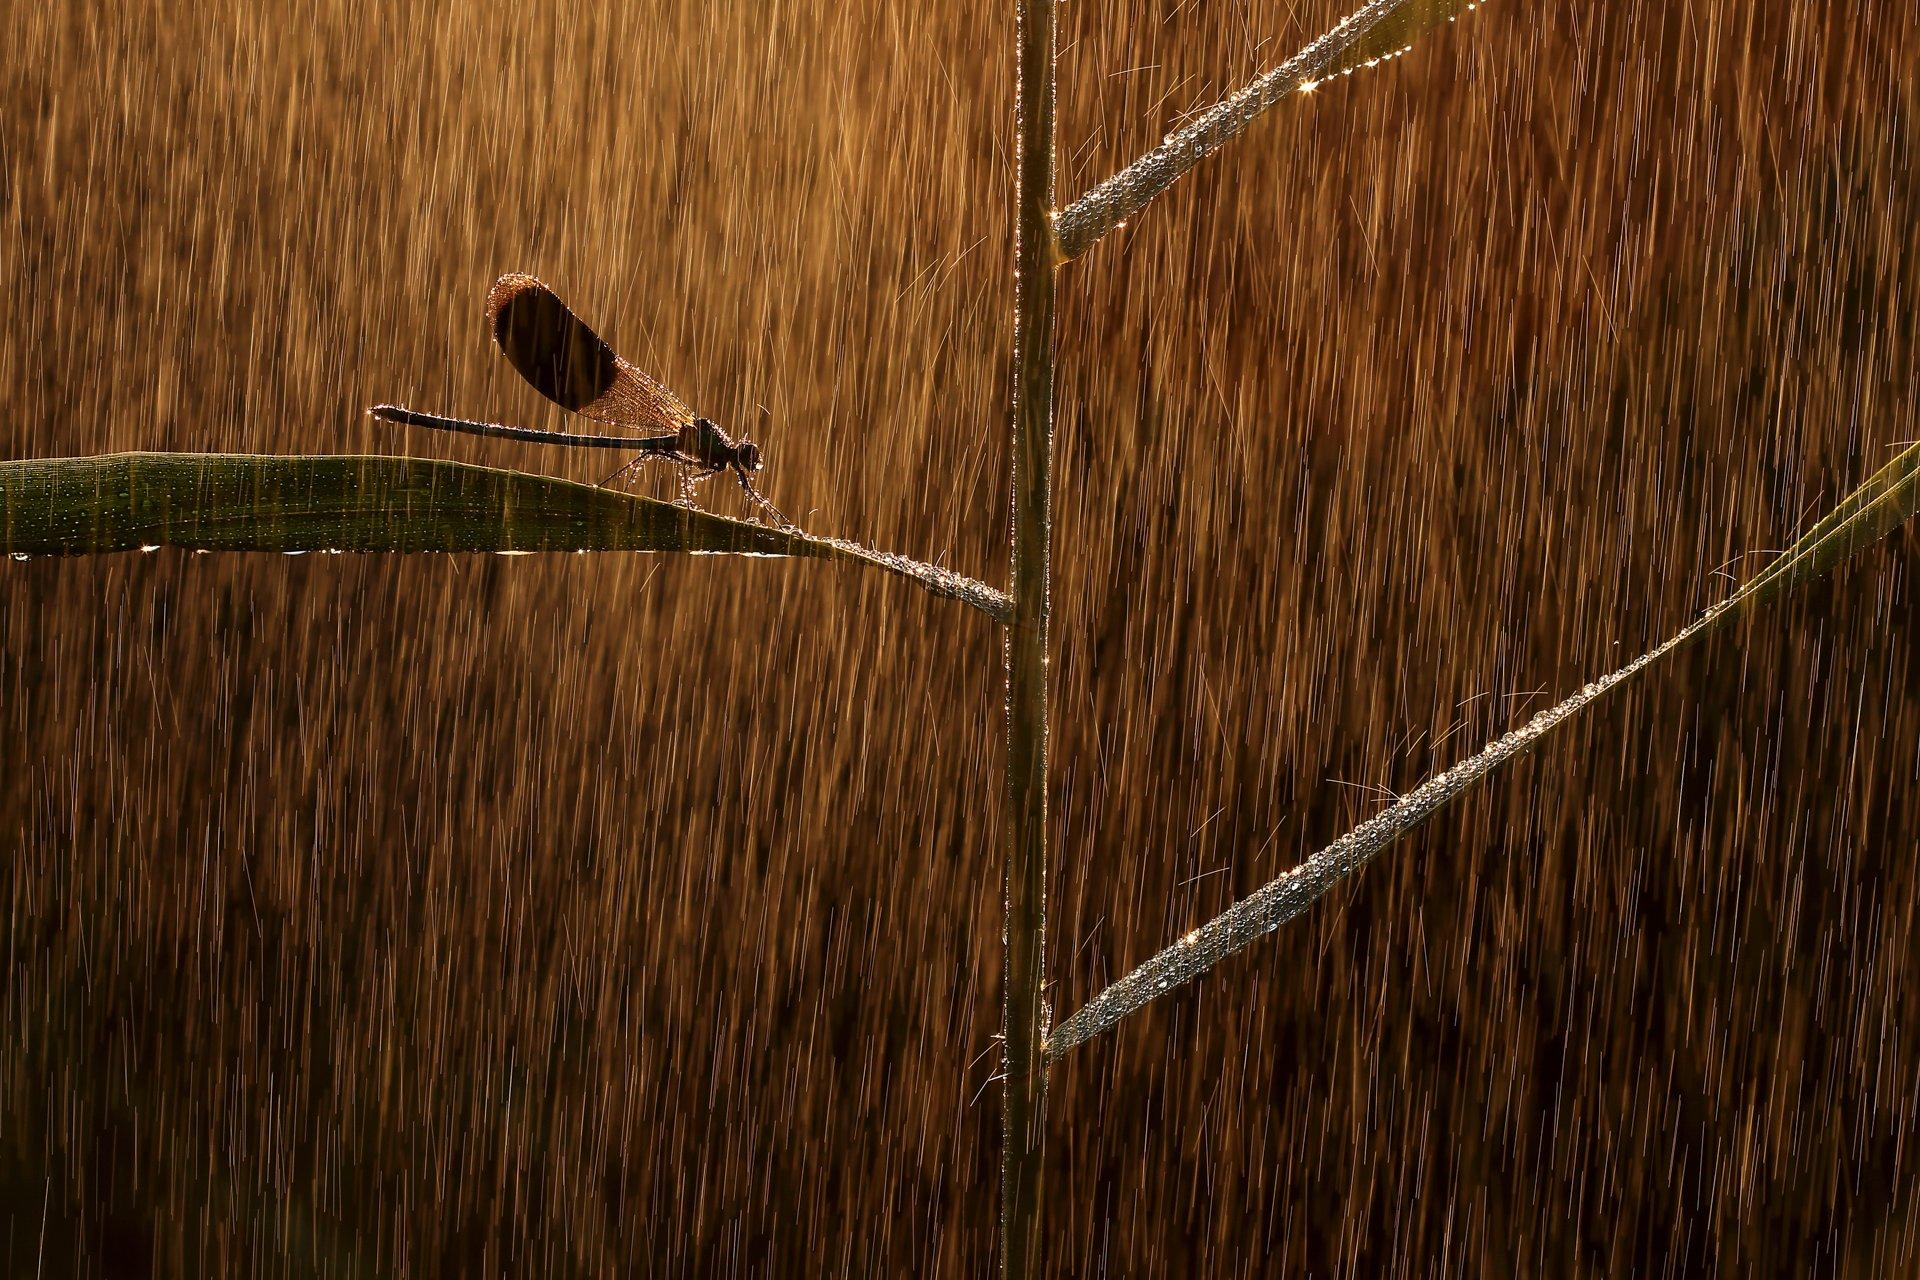 Thỏ nhảy là bức hình đoạt giải nhất Cuộc thi nhiếp ảnh Thiên nhiên hoang dã 2019 - Ảnh 6.